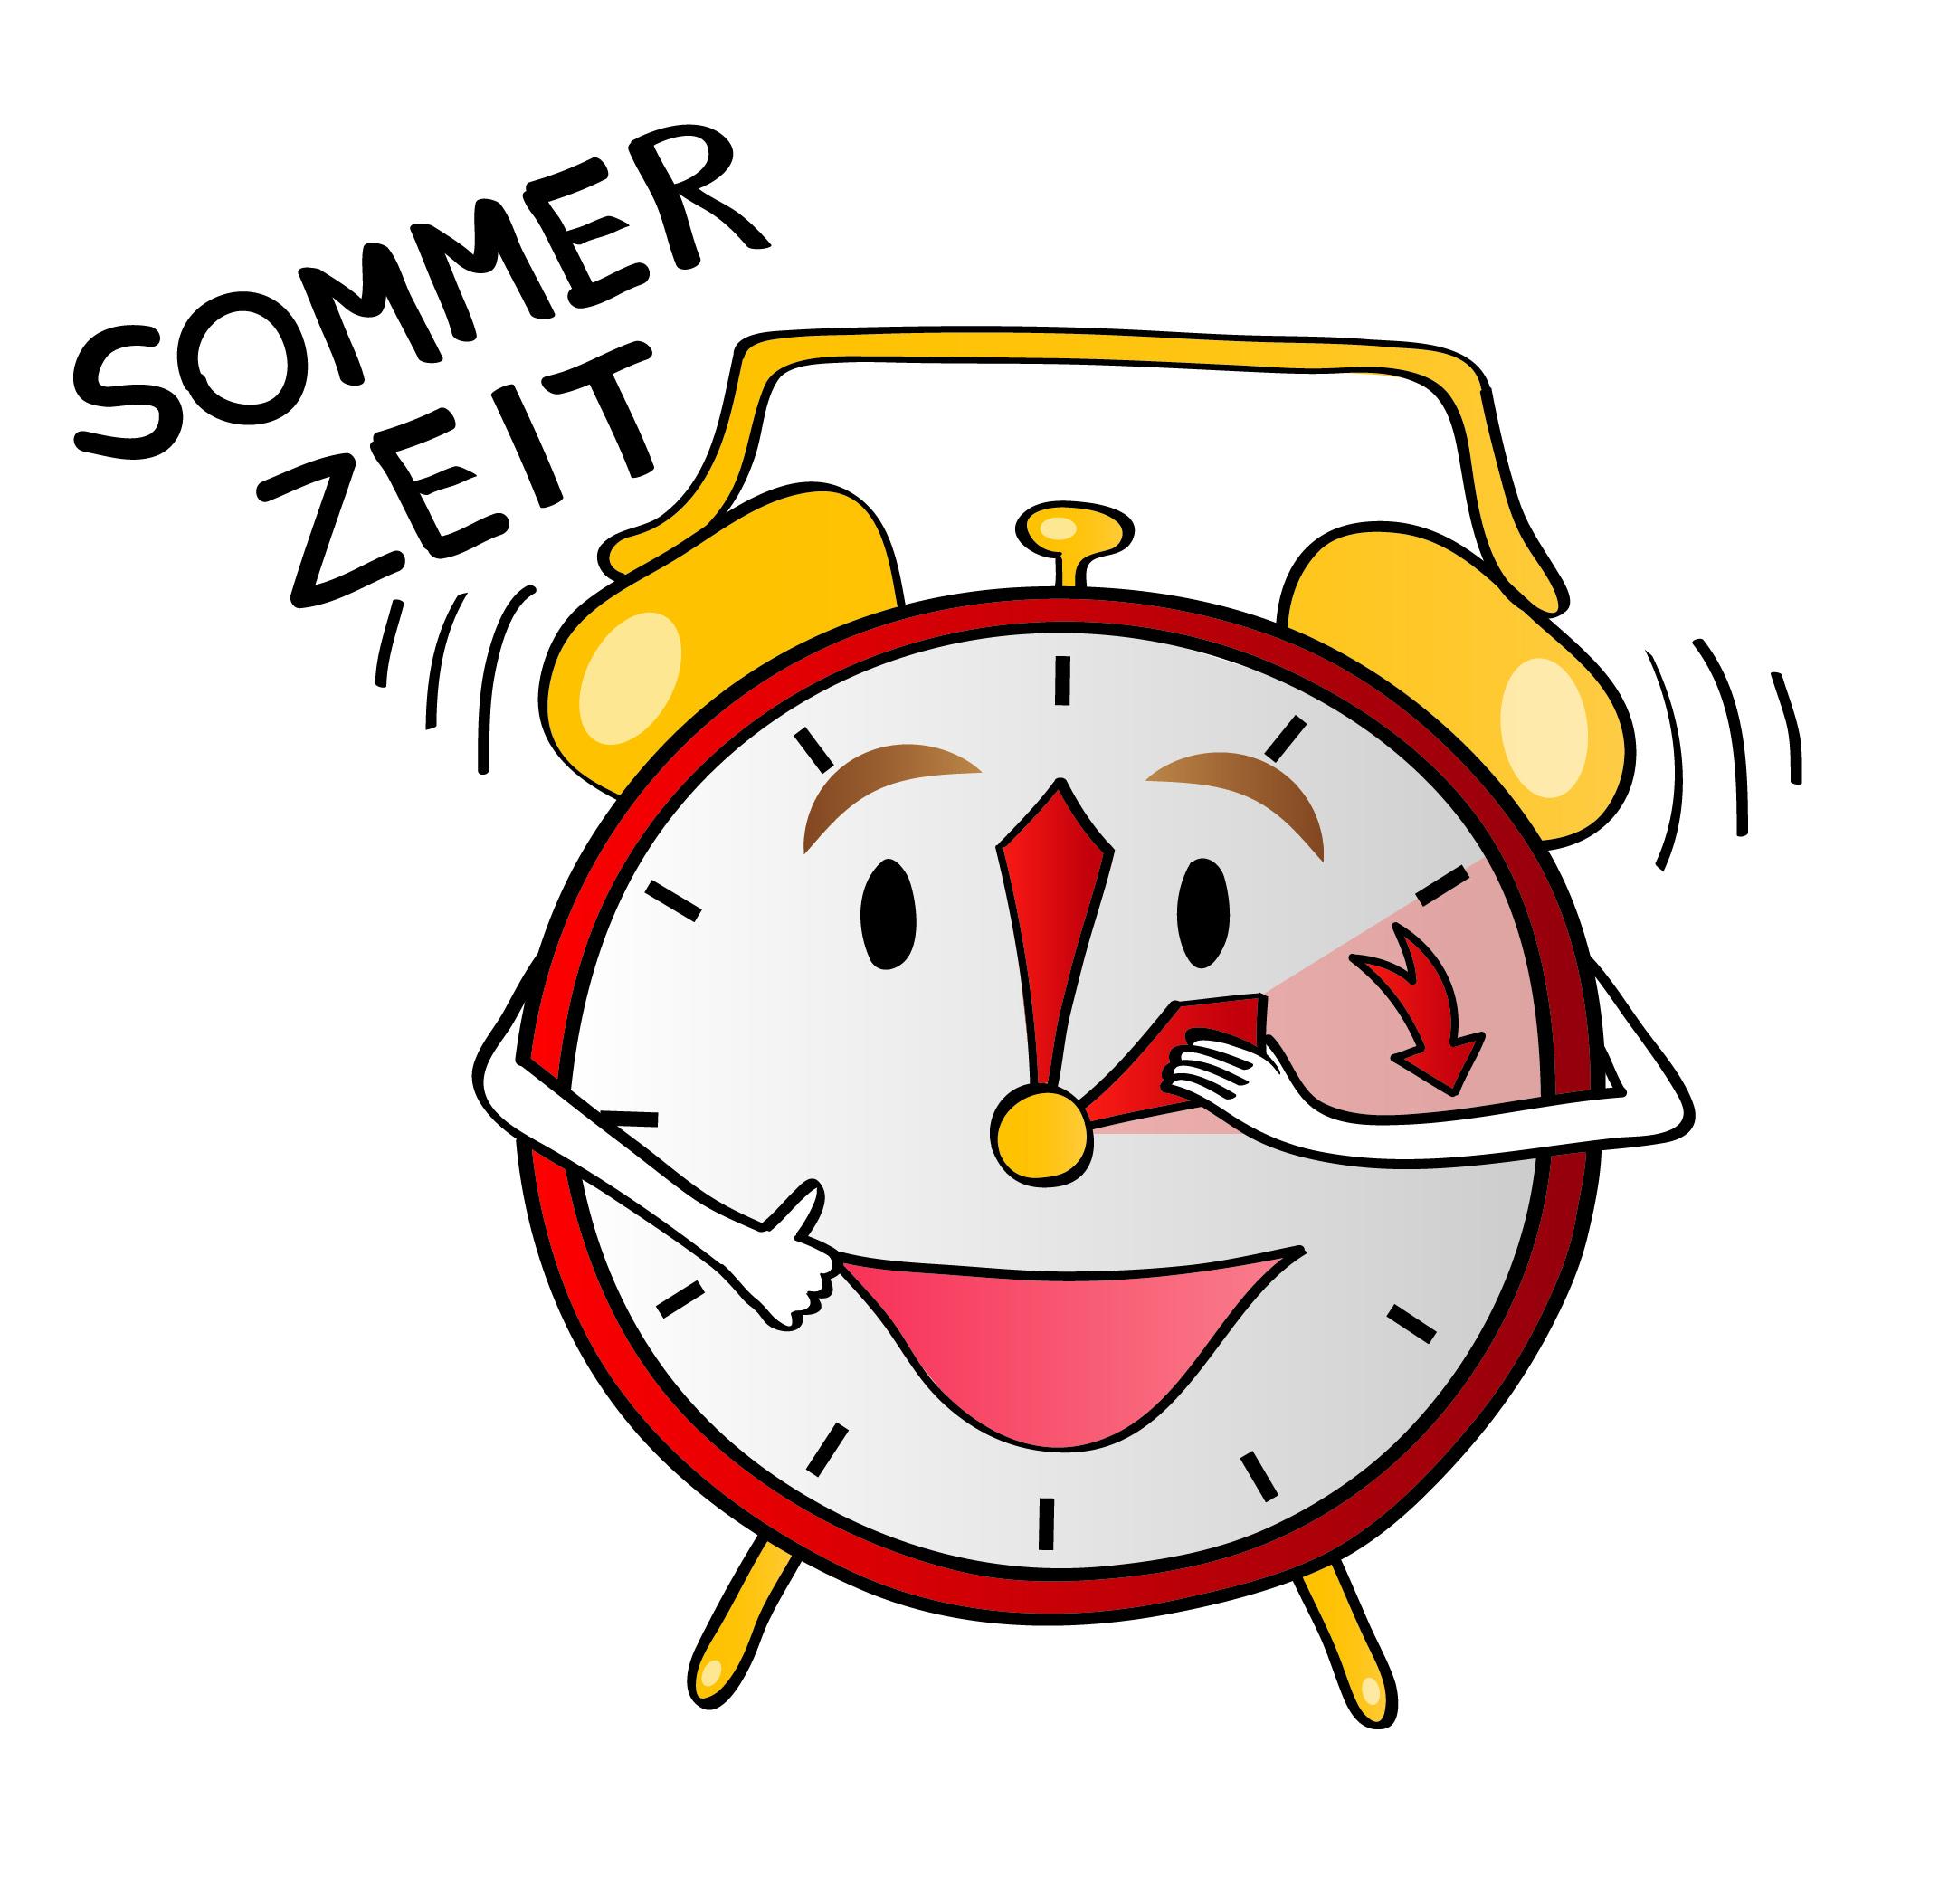 Nicht vergessen: Beginn der Sommerzeit am 29. März